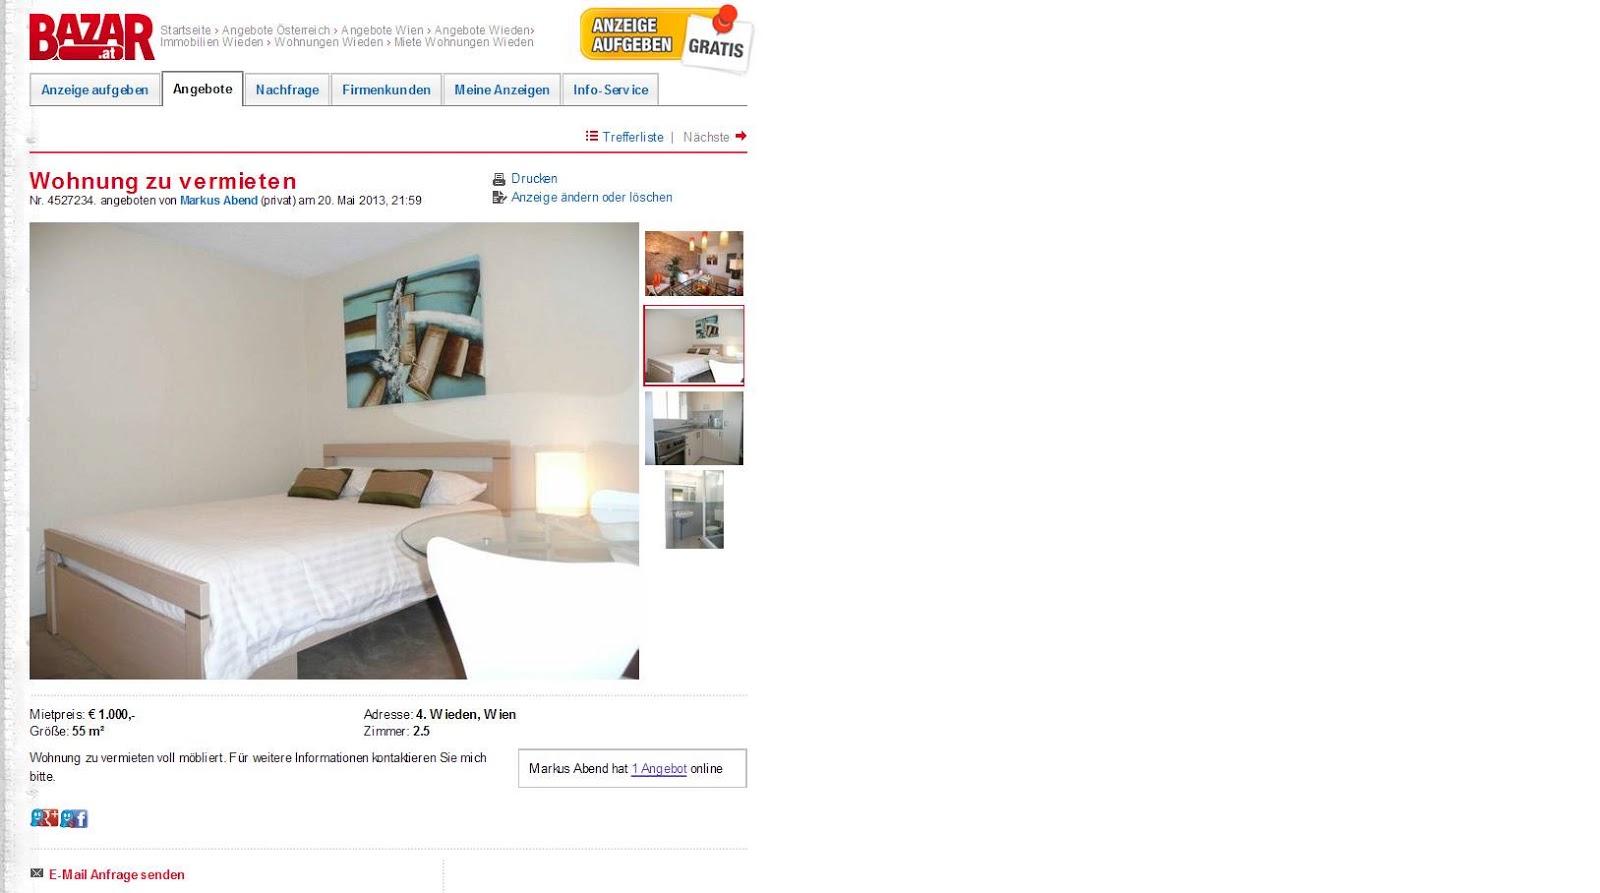 Wohnung zu vermieten 4 for Wohnung vermieten